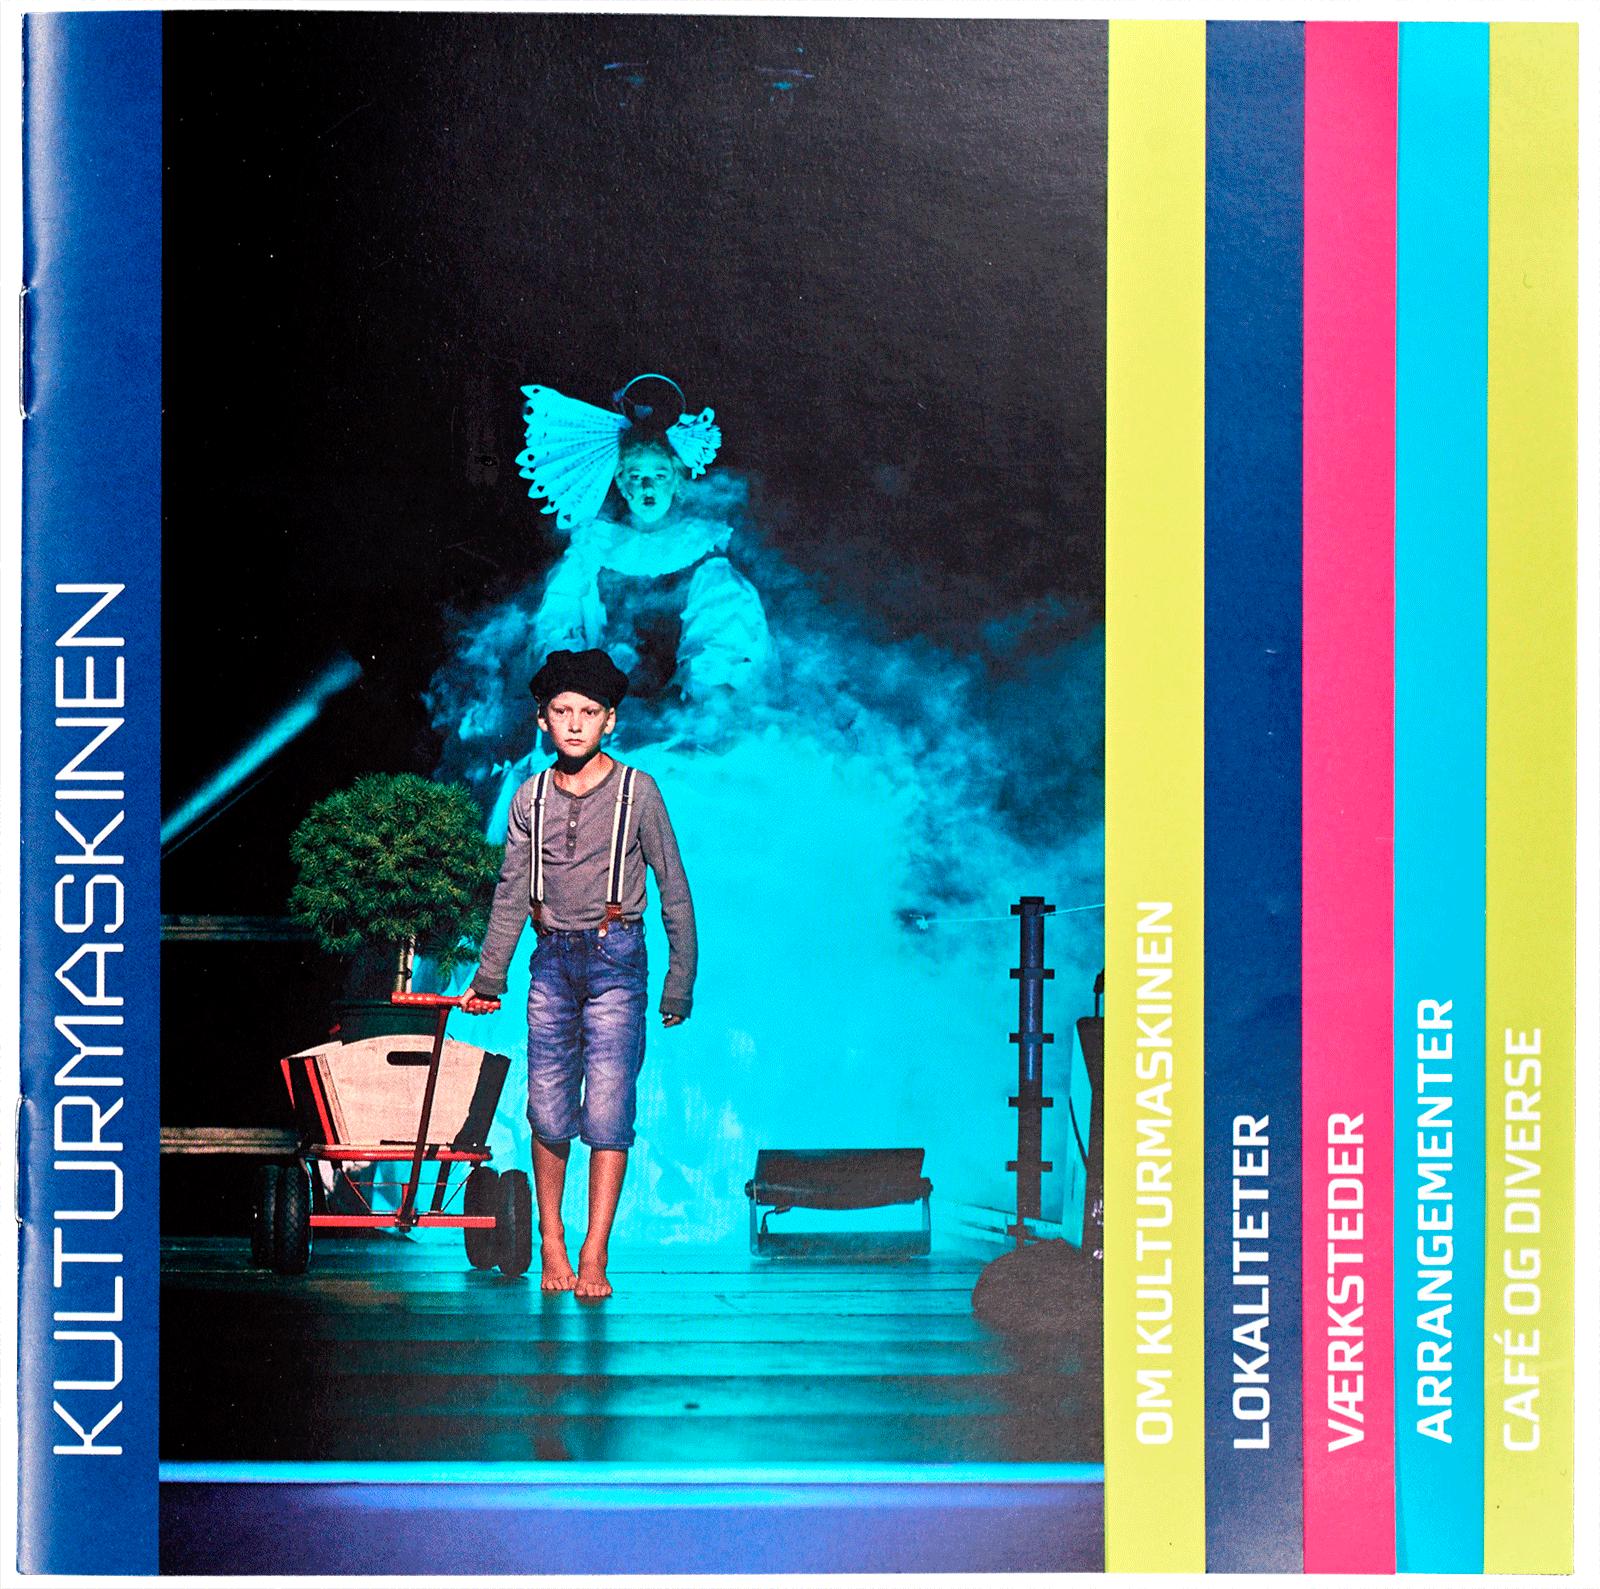 Kulturmaskinen brochure